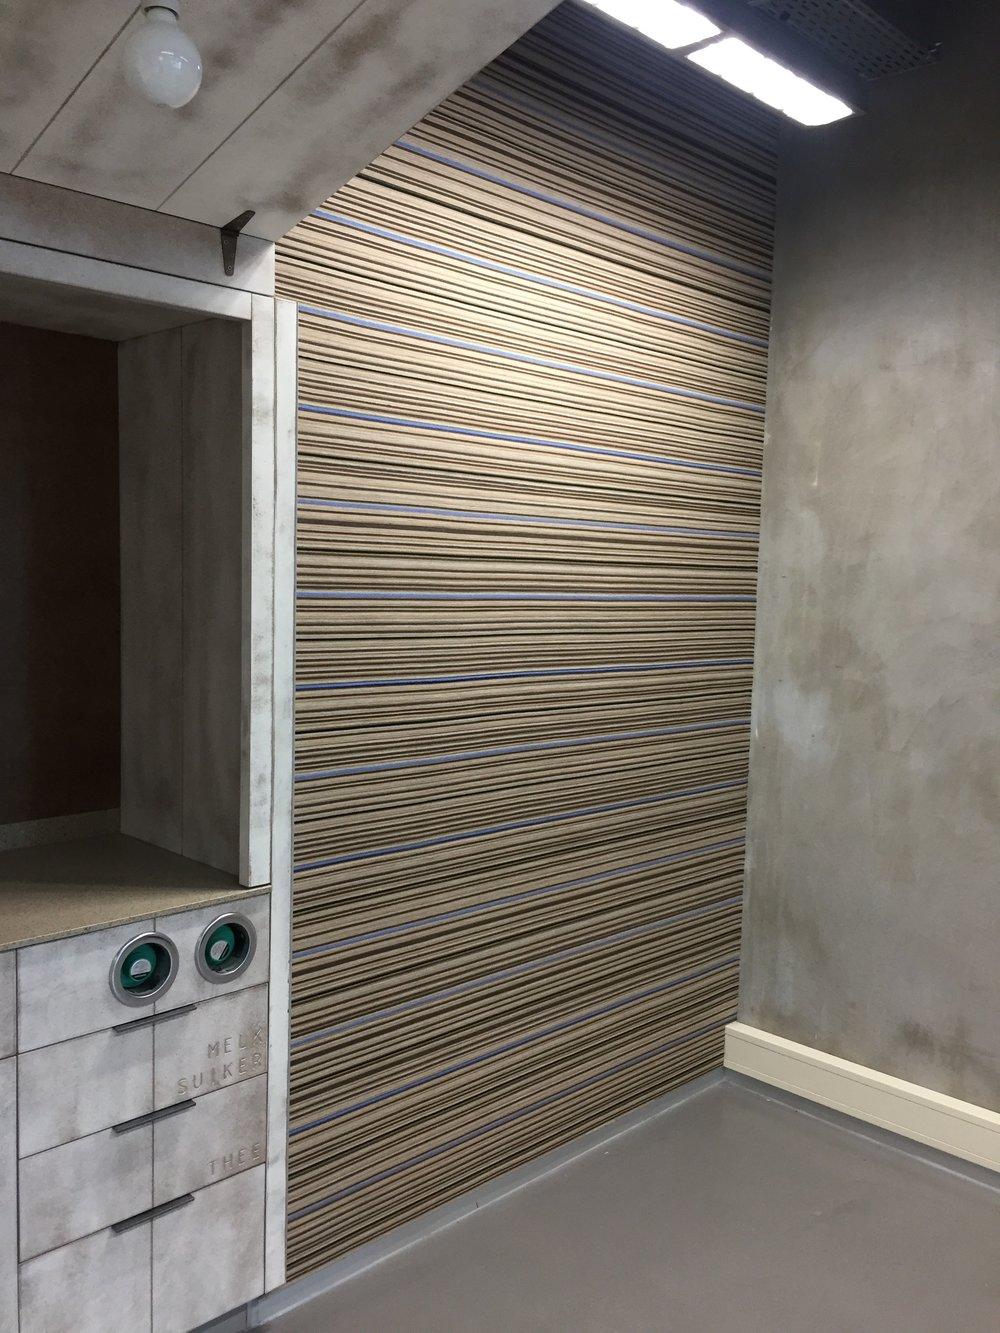 Office_NL_Stripes.jpg